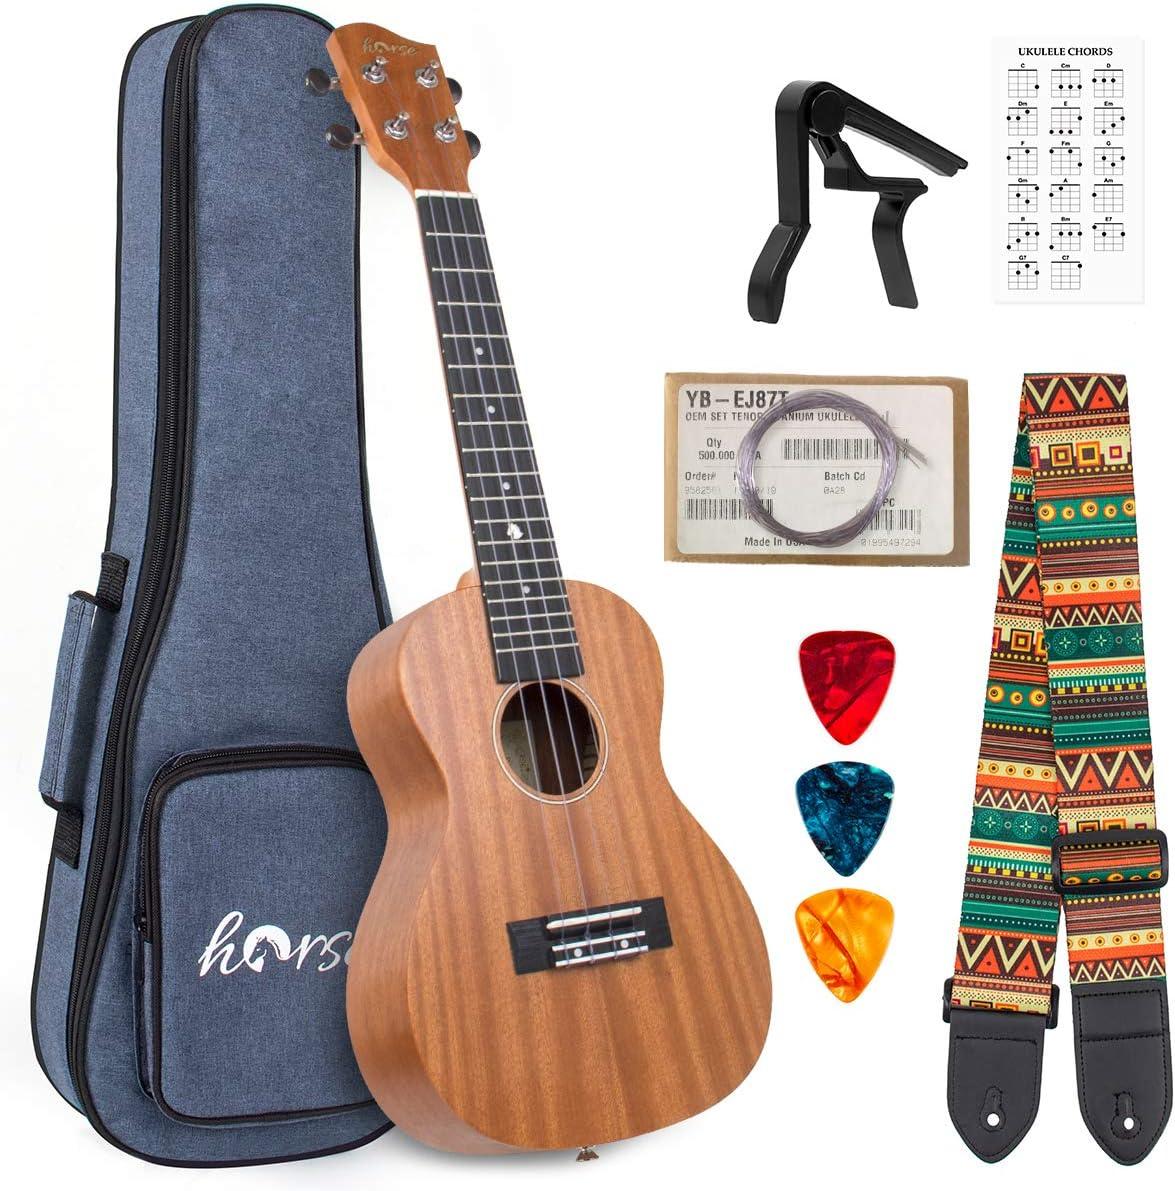 lotmusic Tenor Left hand Ukulele Inch ukulel Ukelele Over item handling Max 68% OFF Mahogany 26